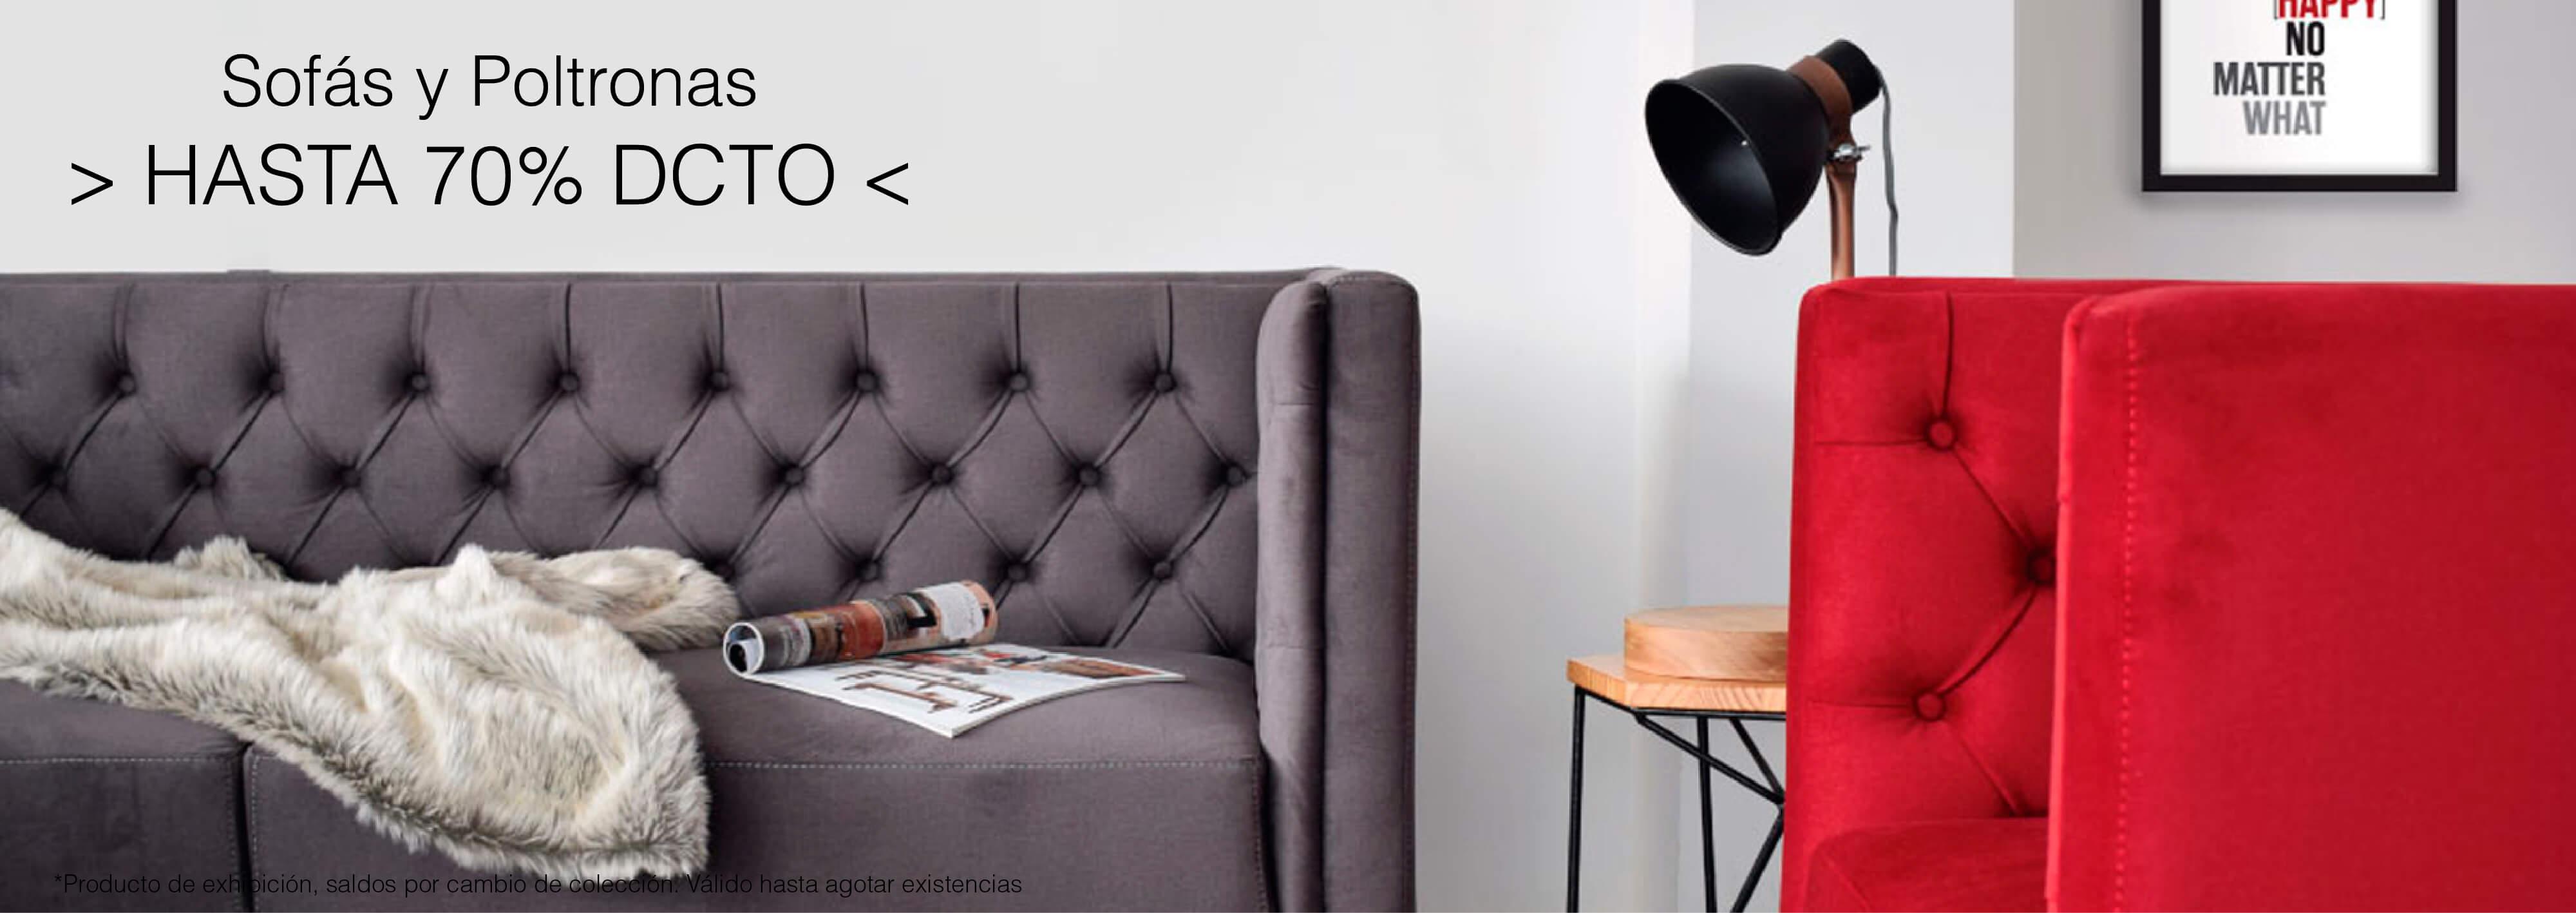 elmobiliario - Tienda Online de Muebles y Decoración – Bogotá Colombia